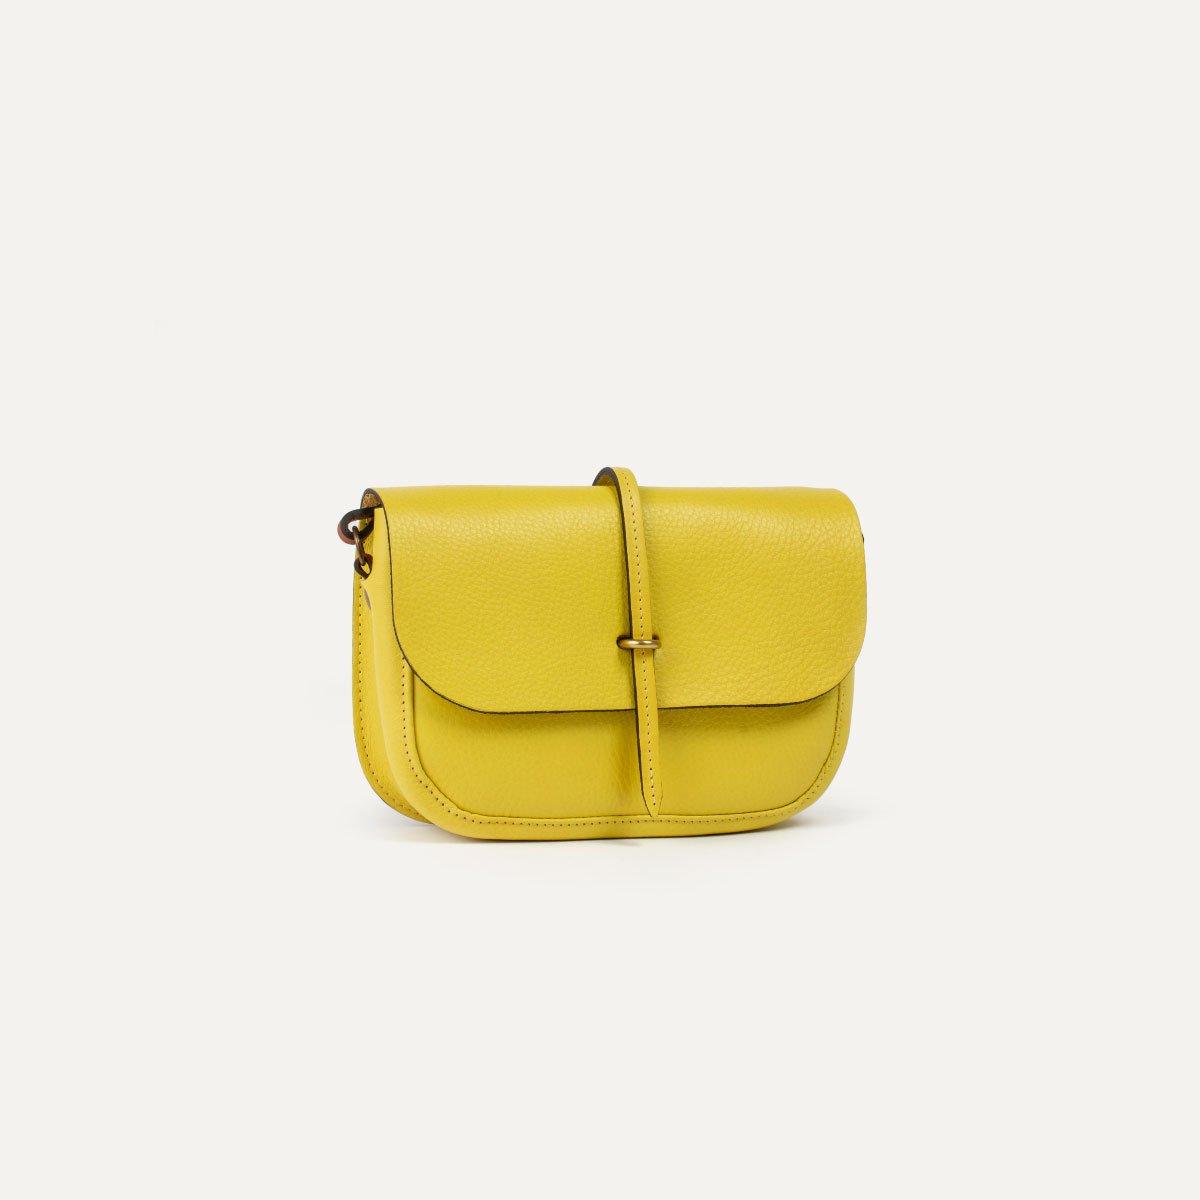 1c7419bf18 Clutch Bag Pastel| Women's Clutches I Handbags for Women | Bleu de chauffe